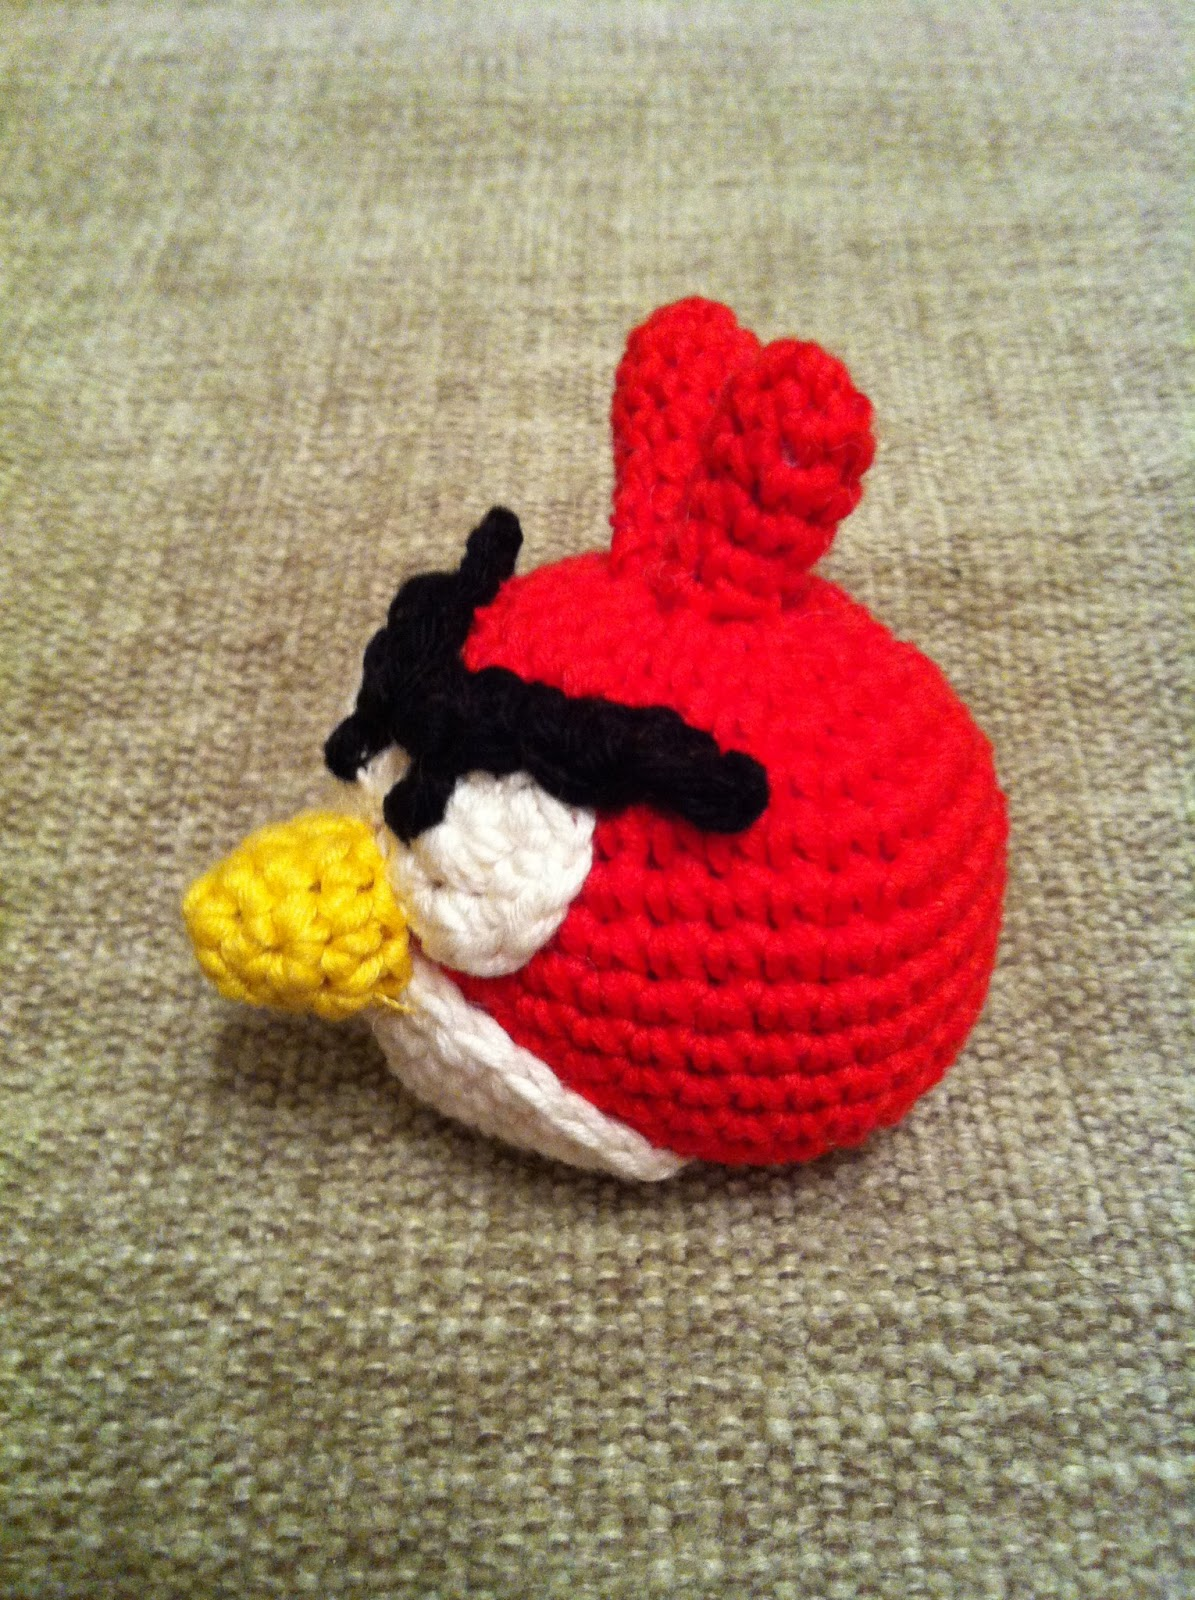 EL DESVÁN DE LOS AMIGURUMIS: Patrón llavero amigurumi Angry Birds rojo